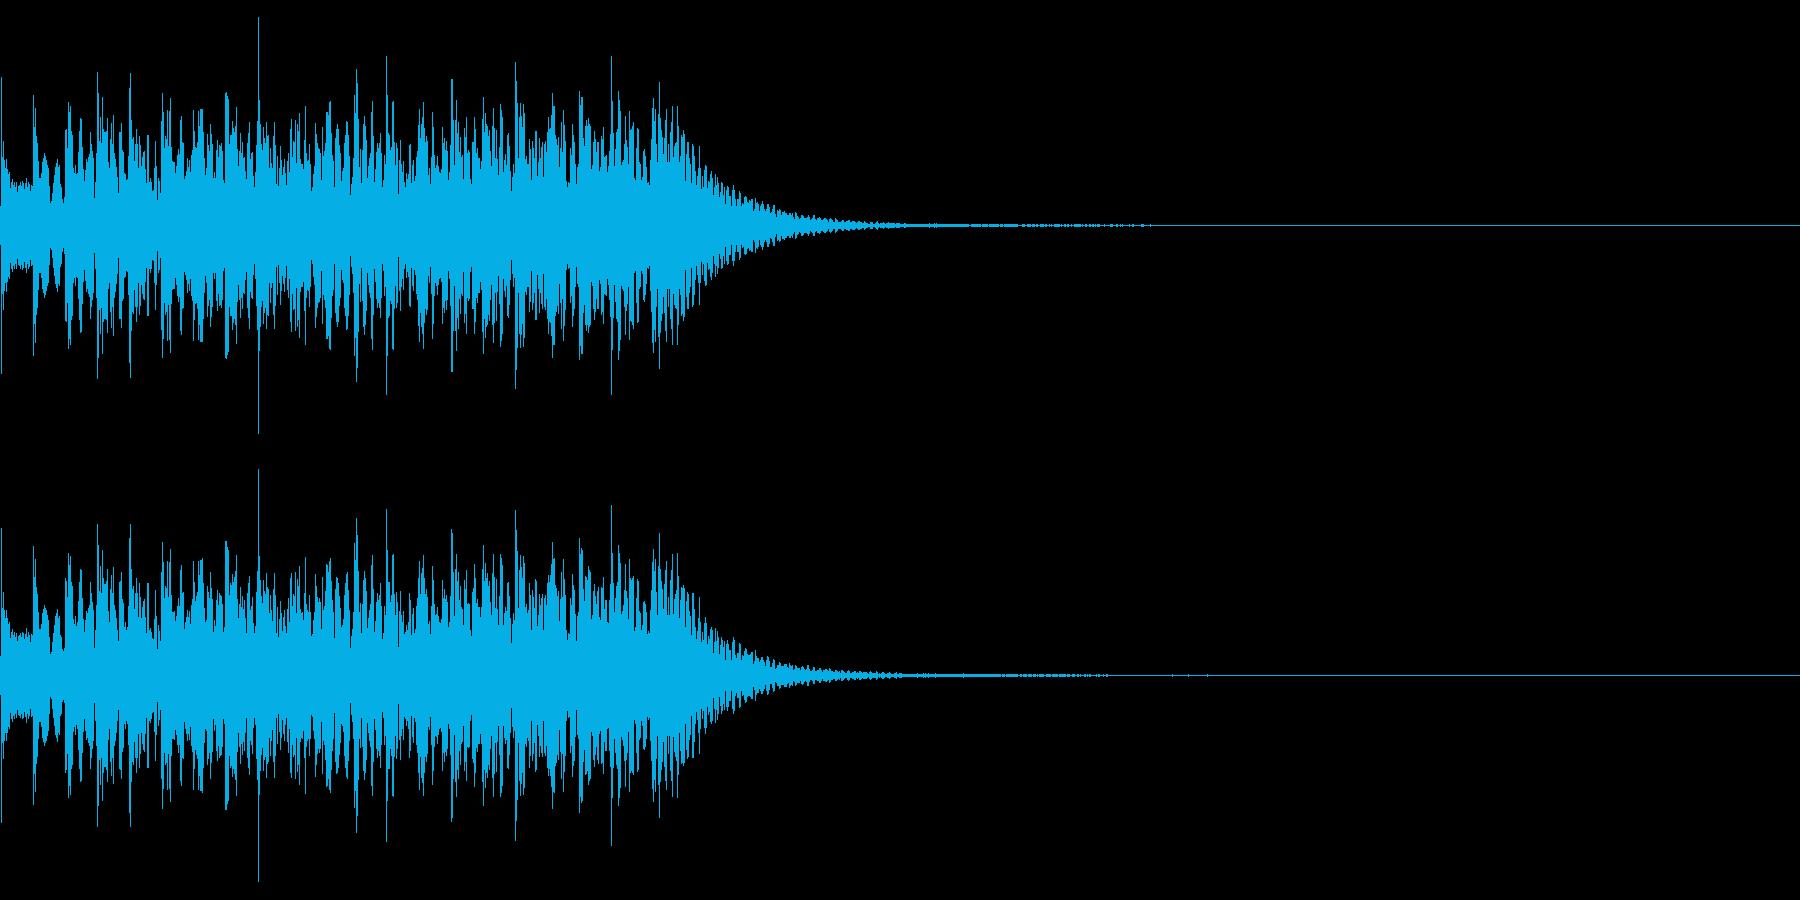 シンプルな効果音 マリンバの不思議音の再生済みの波形